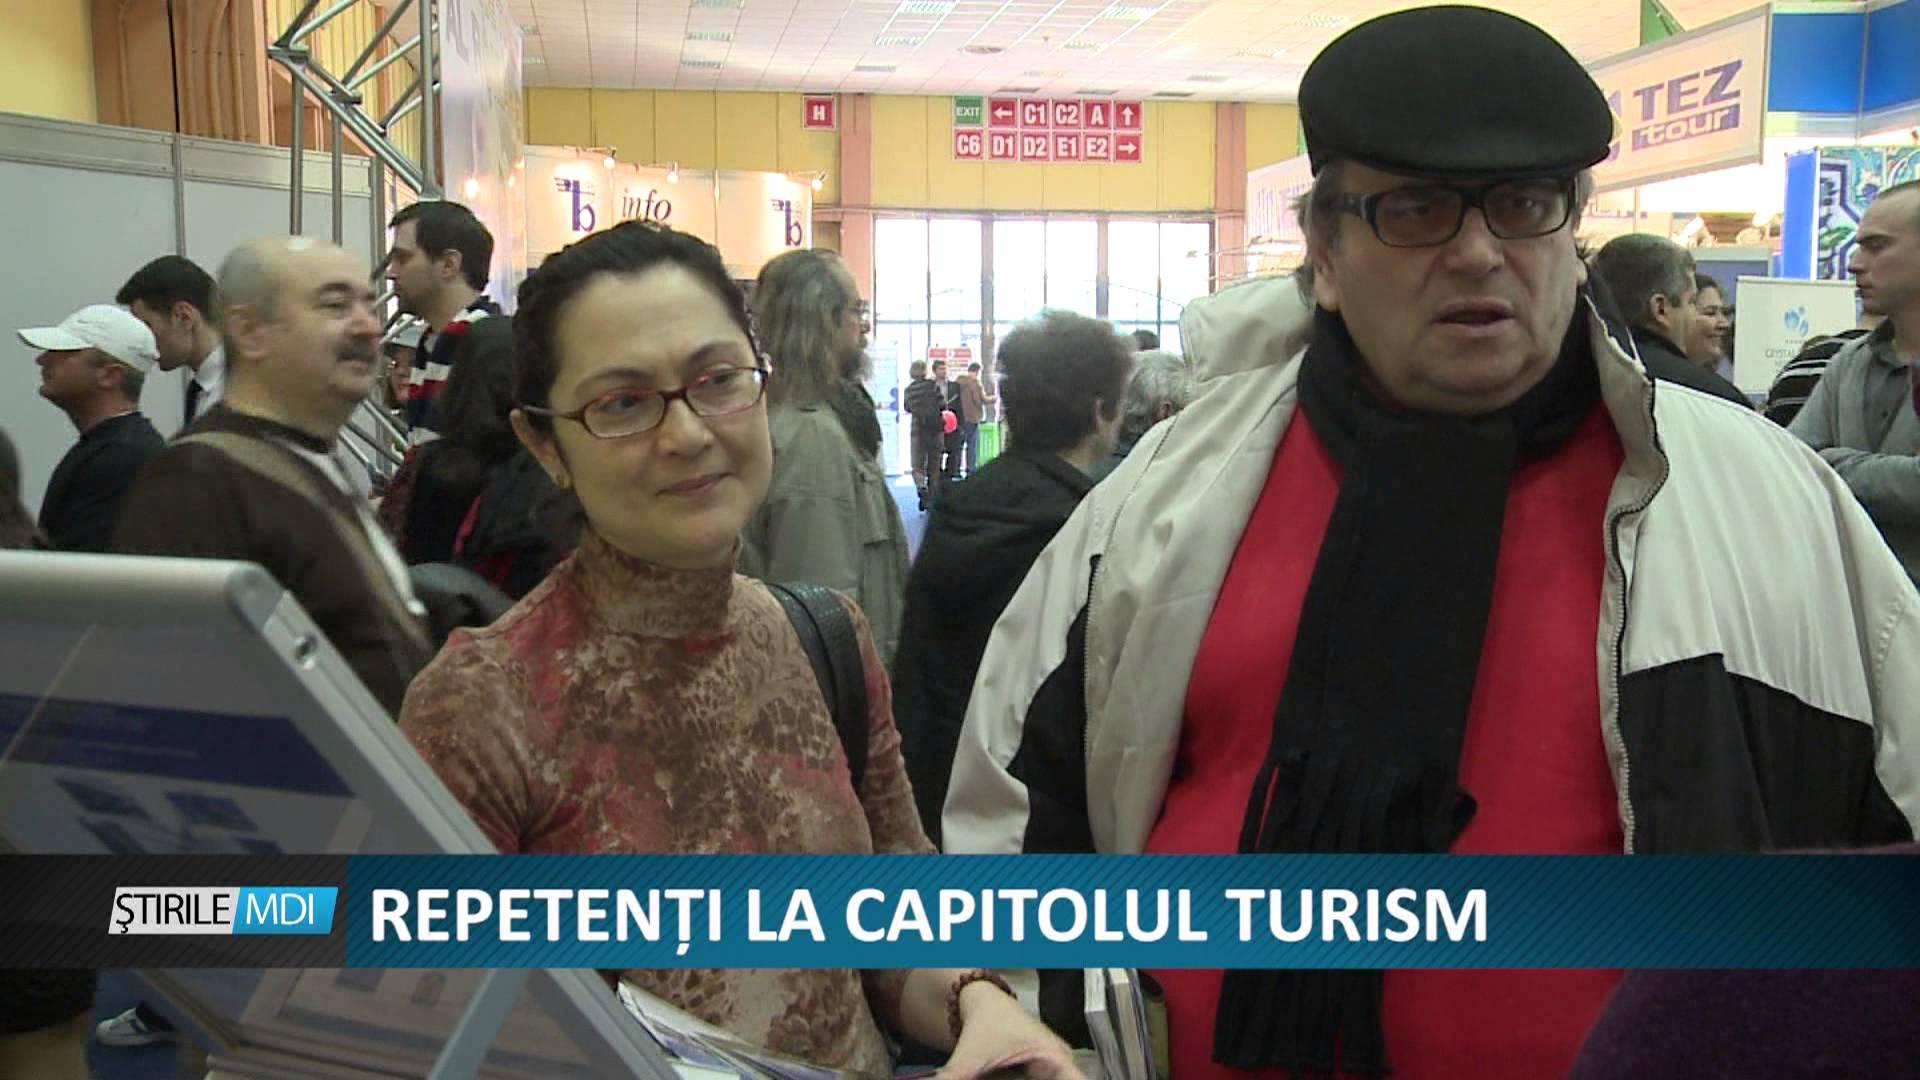 REPETENȚI LA CAPITOLUL TURISM – VIDEO